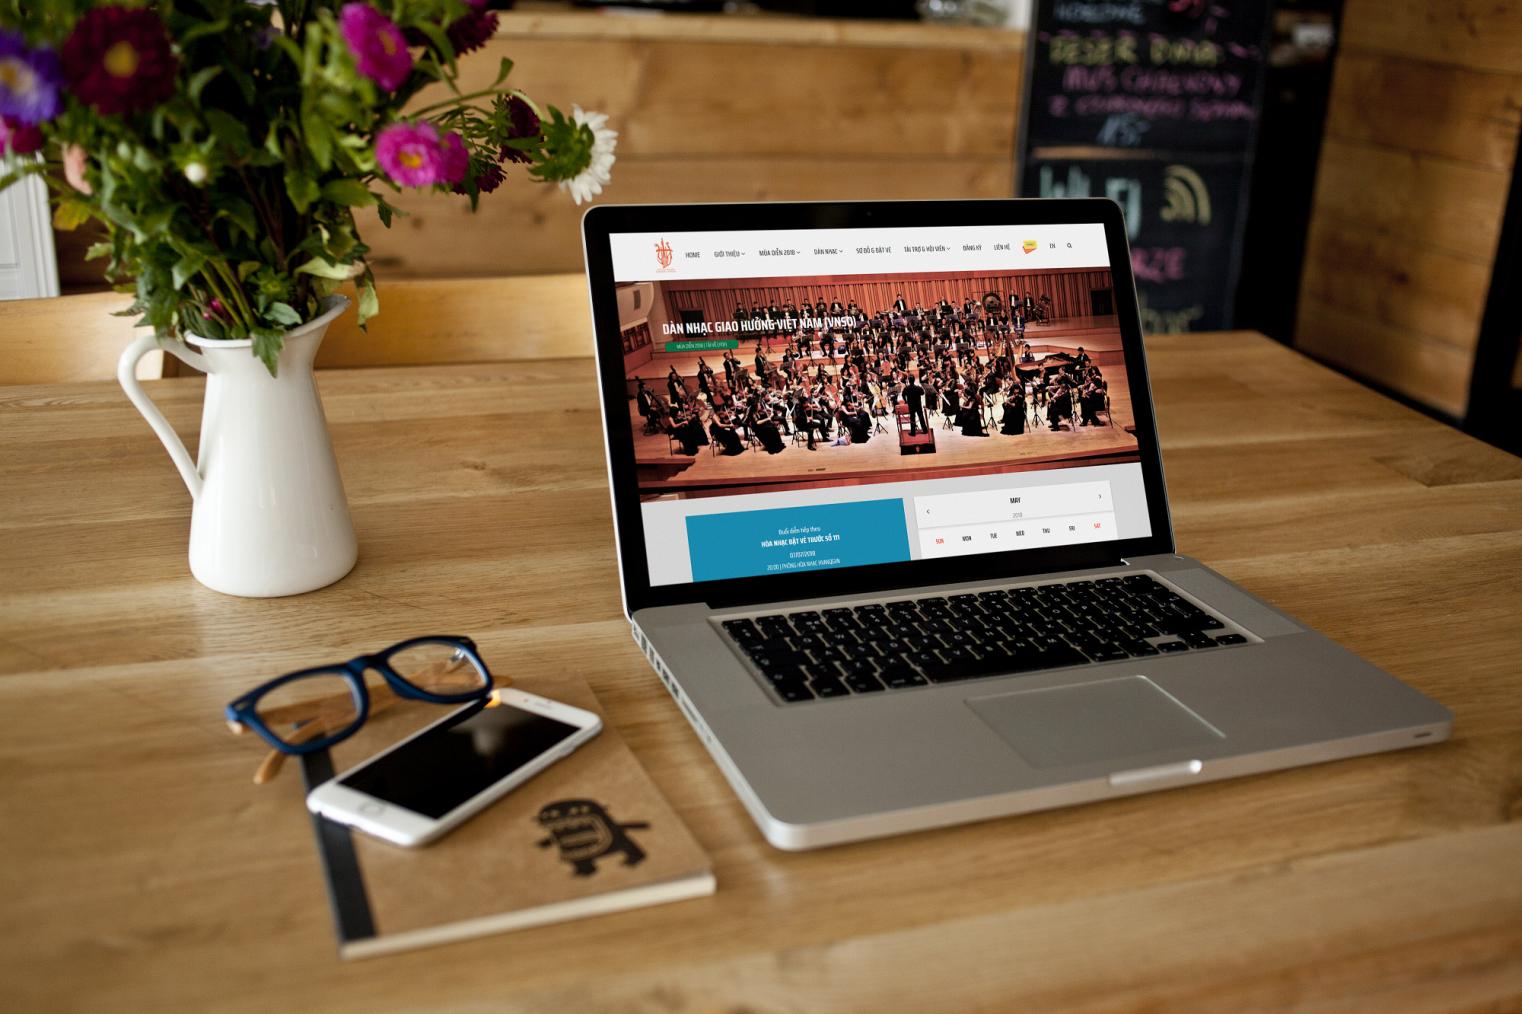 Thiết kế website bán vé trực tuyến giàn nhạc giao hưởng việt nam